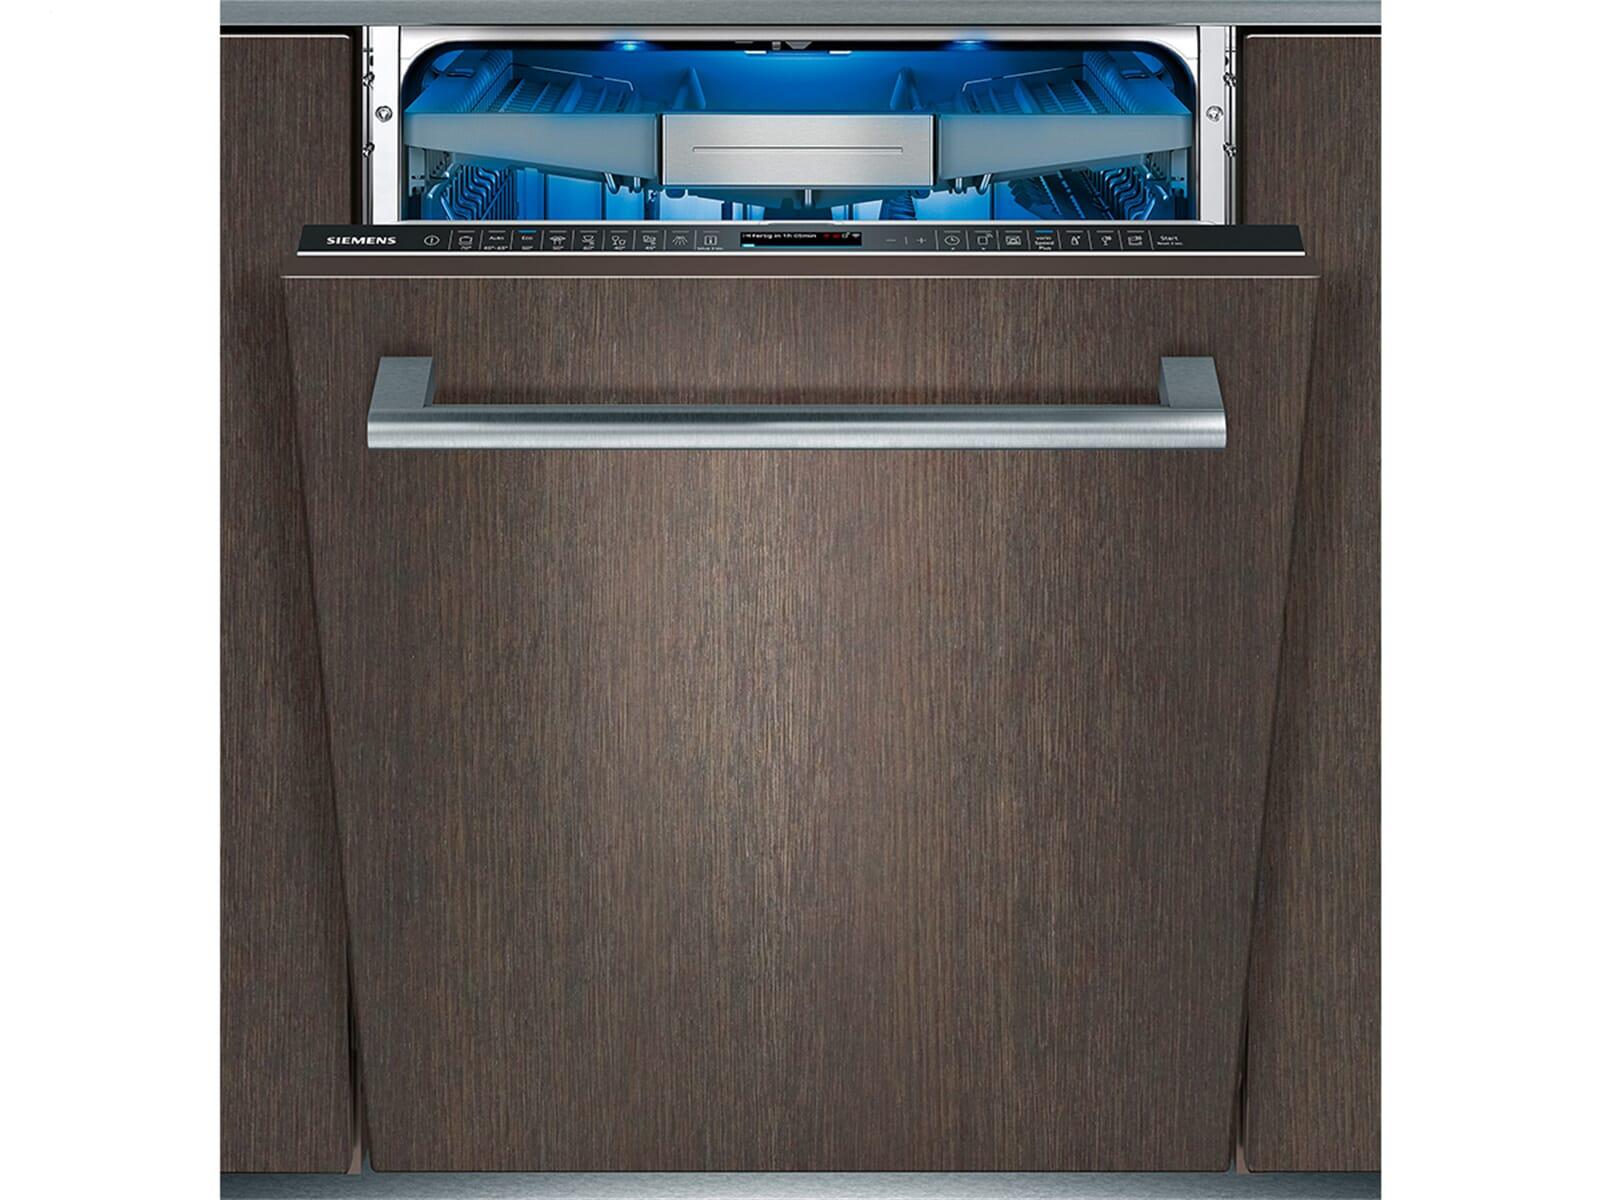 Bosch Kühlschrank Türanschlag Wechseln : Bosch geschirrspüler tür wechseln reparatur geschirrspüler